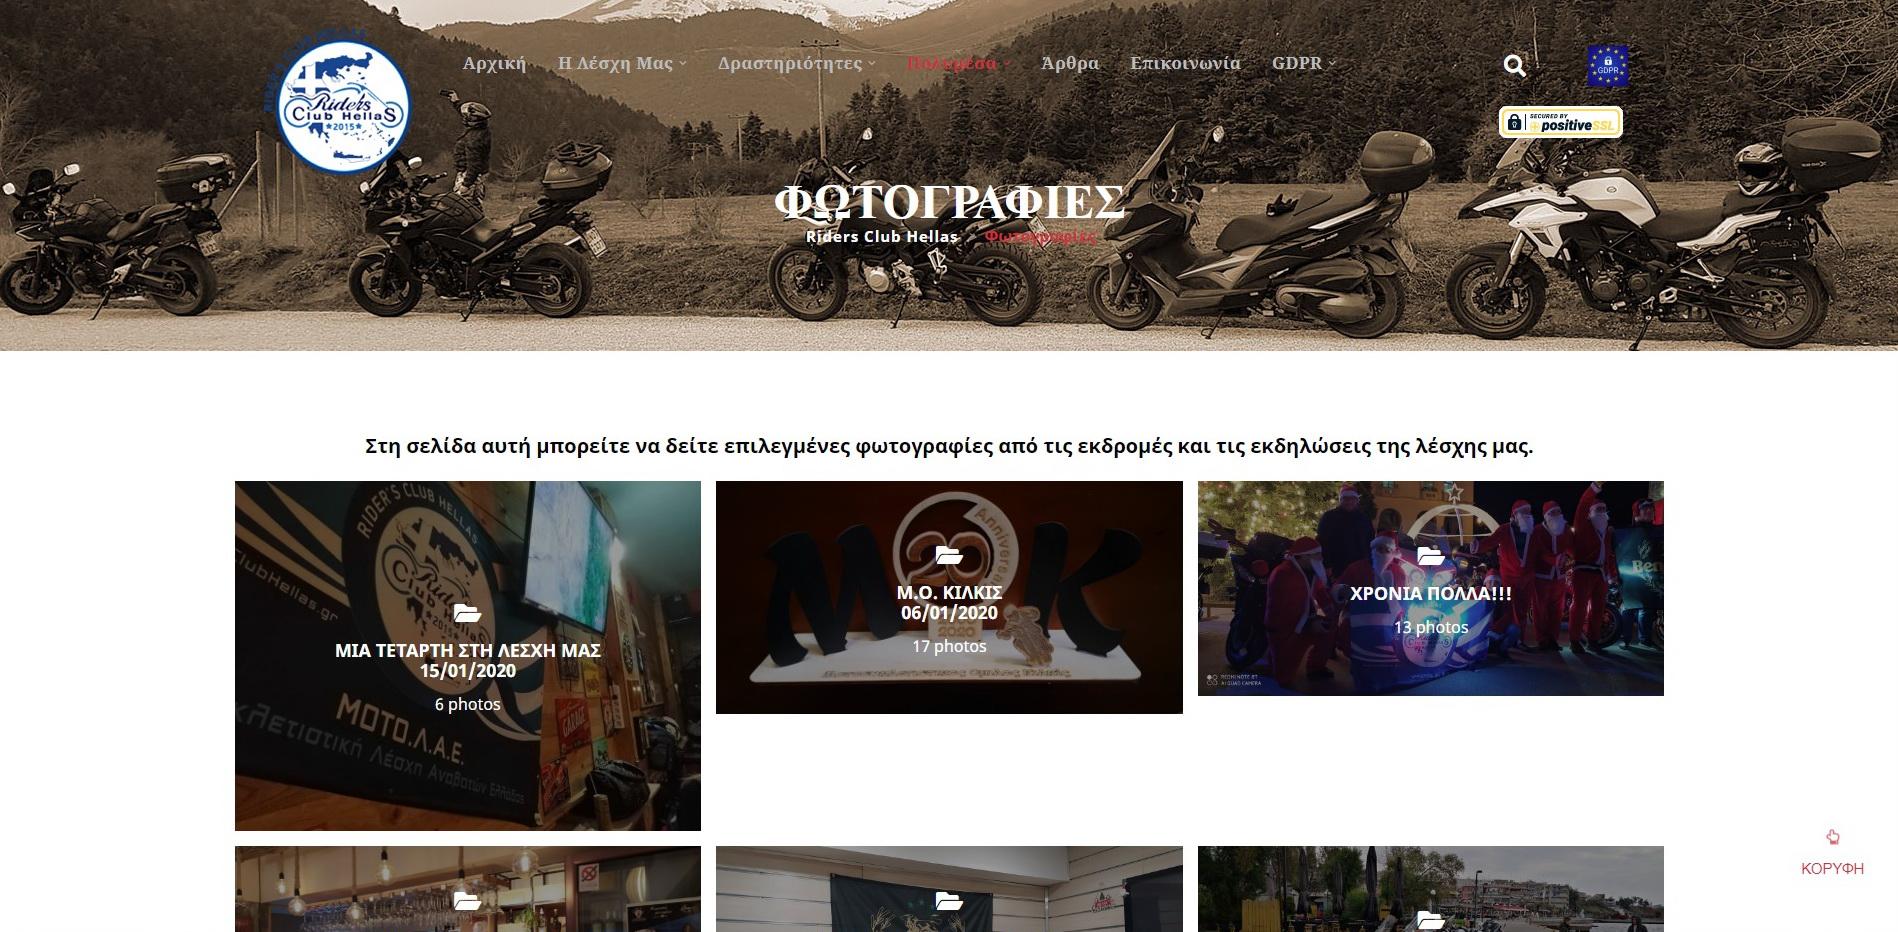 ridersclubhellas.gr